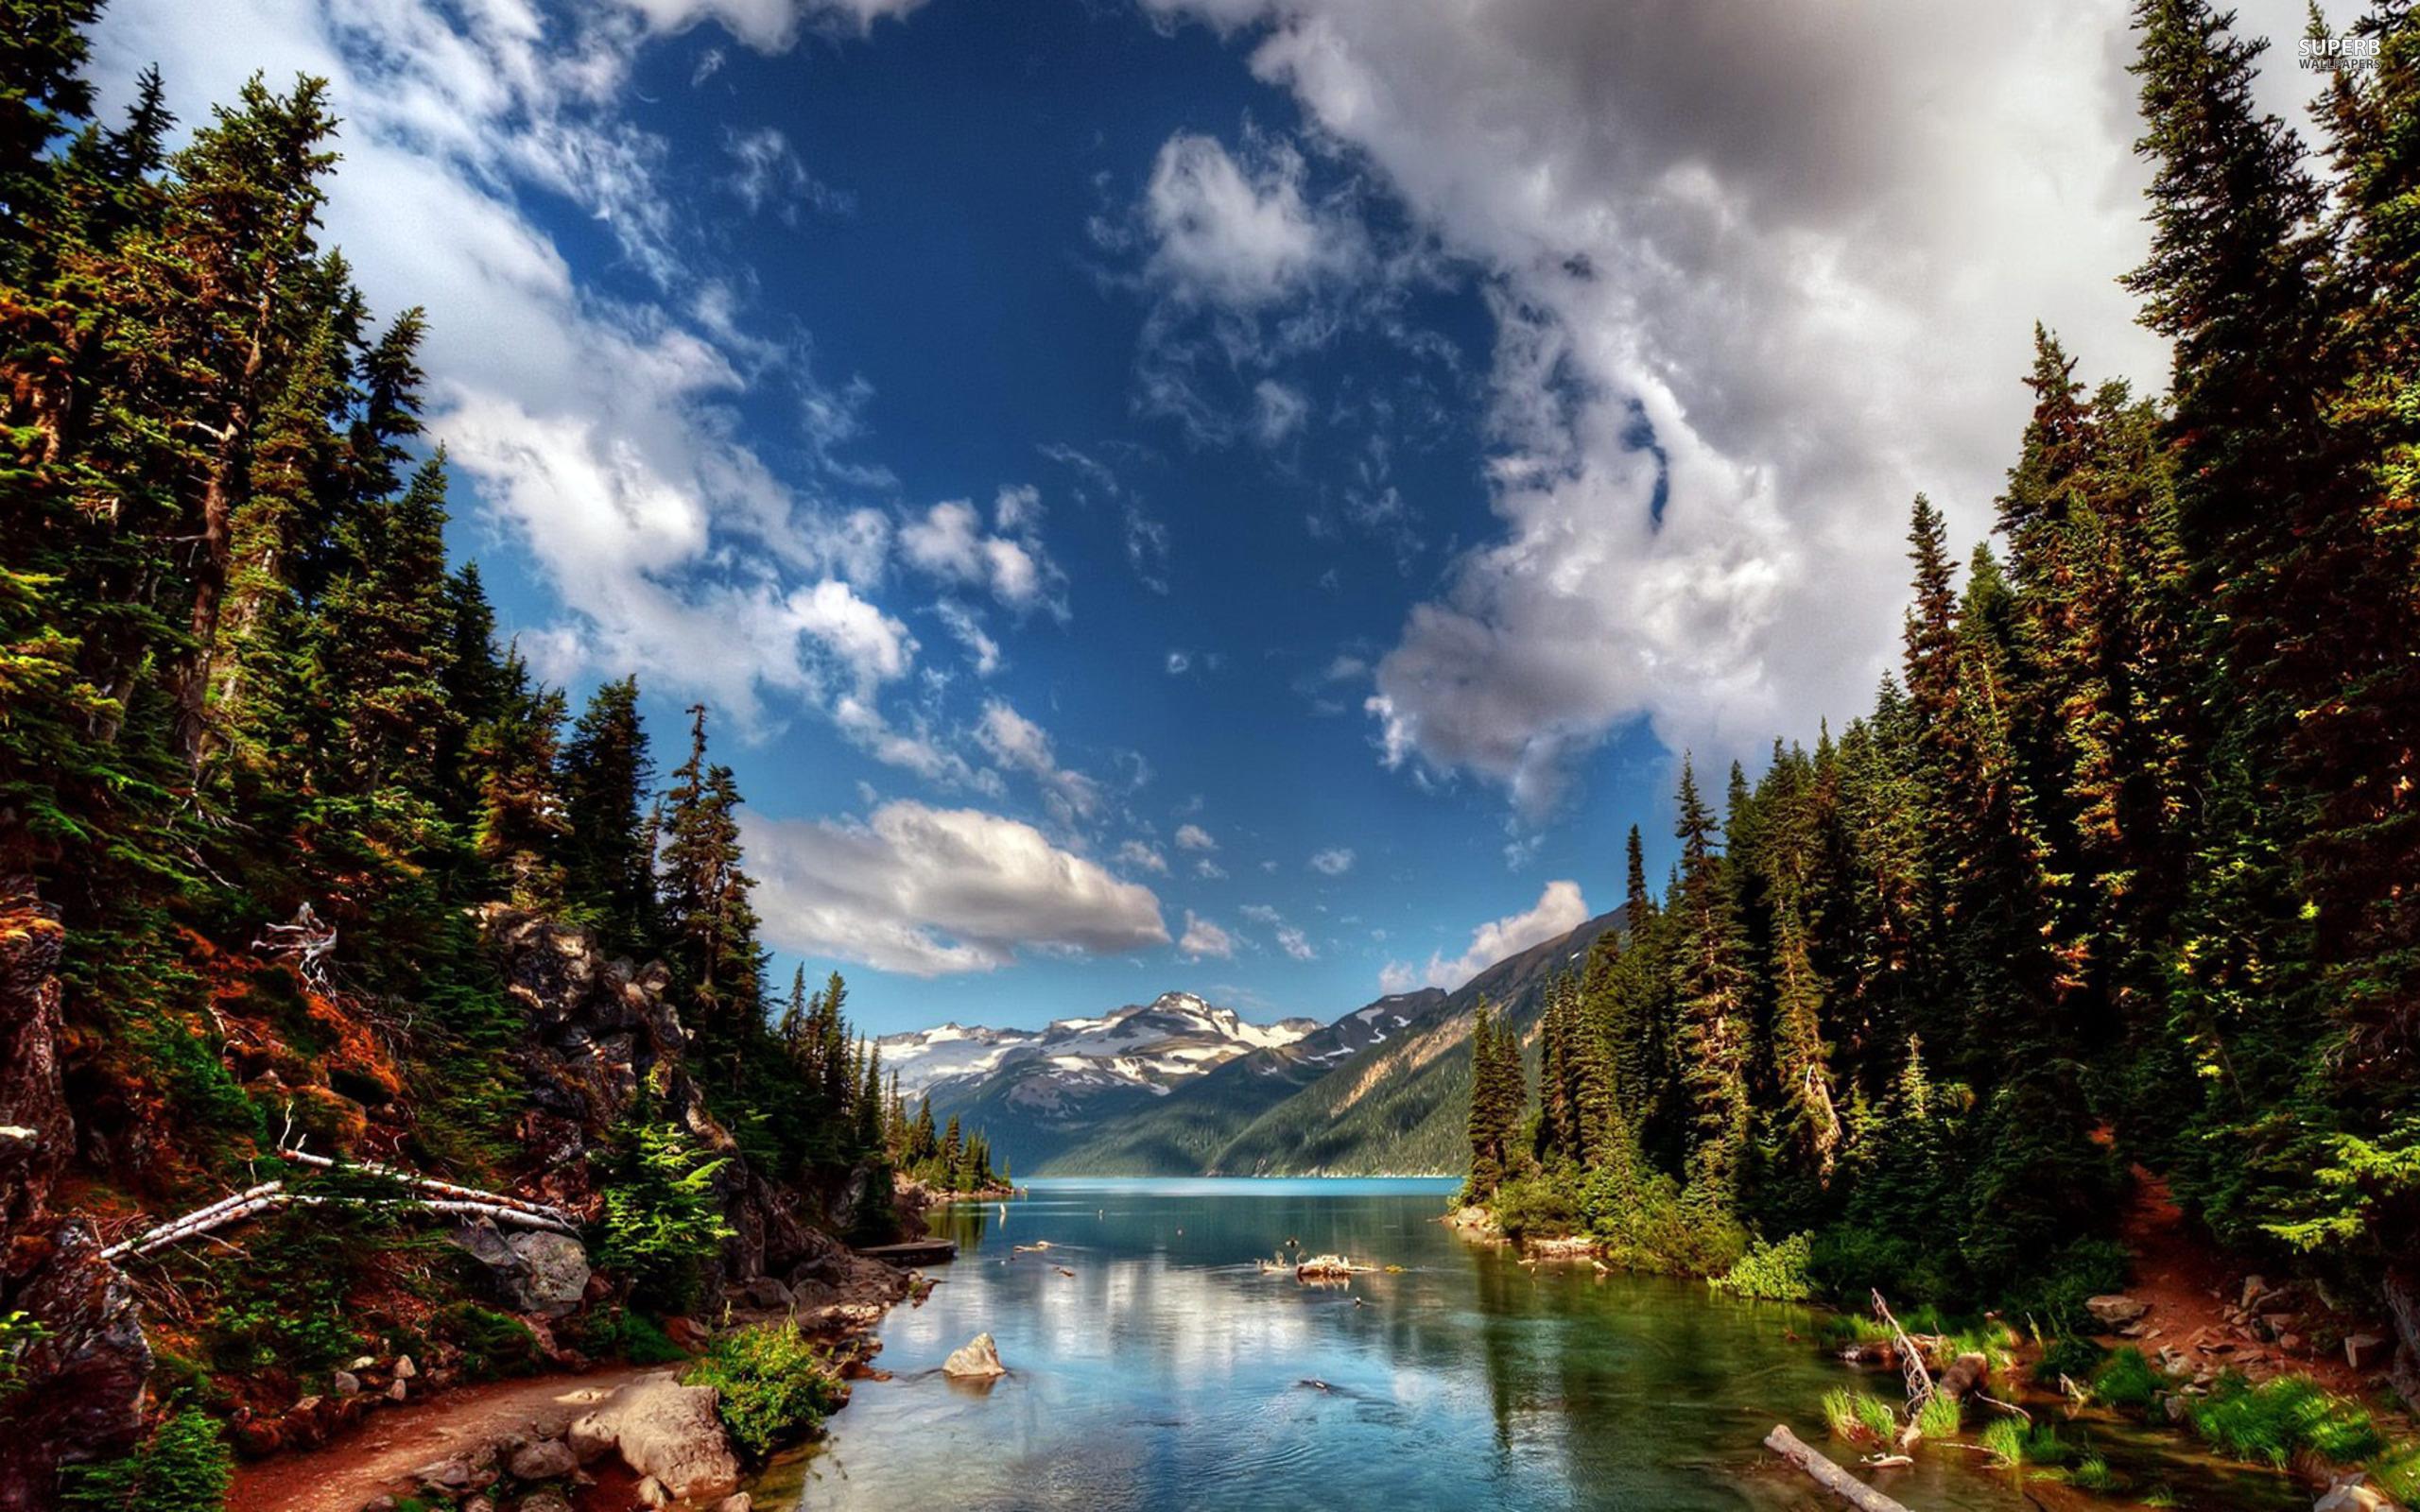 природа горы небо облака река деревья nature mountains the sky clouds river trees  № 1223834 бесплатно